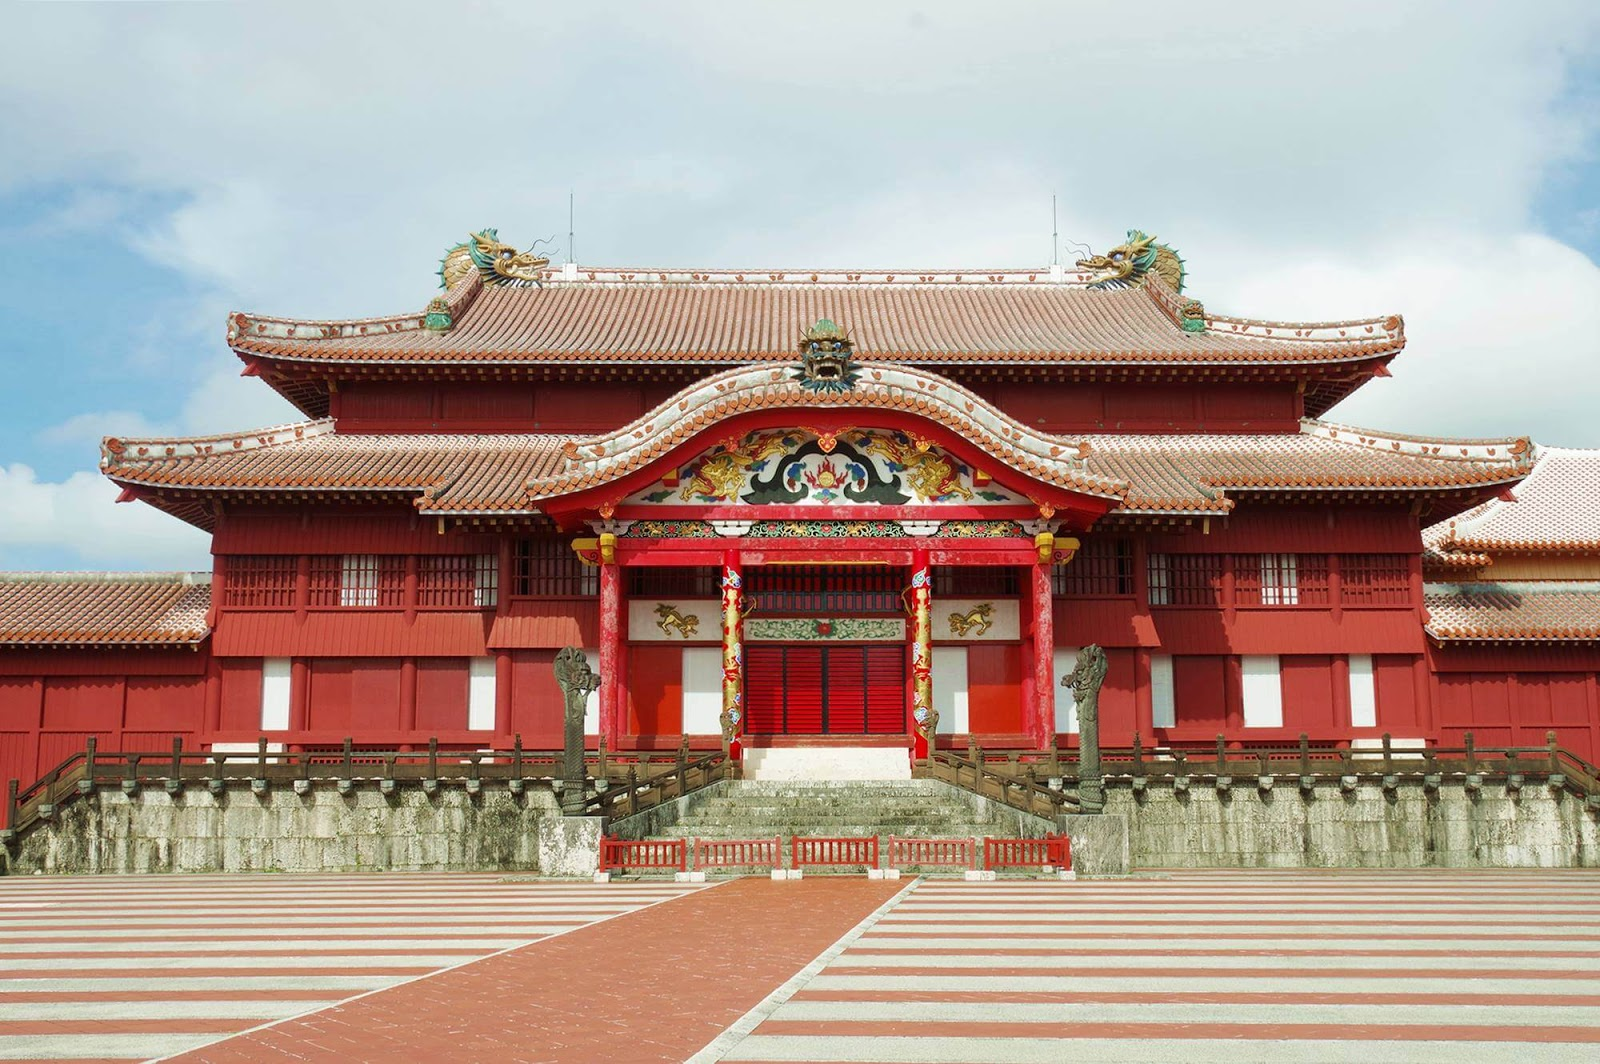 沖繩-推薦-沖繩景點-首里城-首里城公園-沖繩自由行景點-沖繩那霸景點-沖繩旅遊-沖繩觀光景點-Okinawa-Attraction-Shurijo-tourist-destination